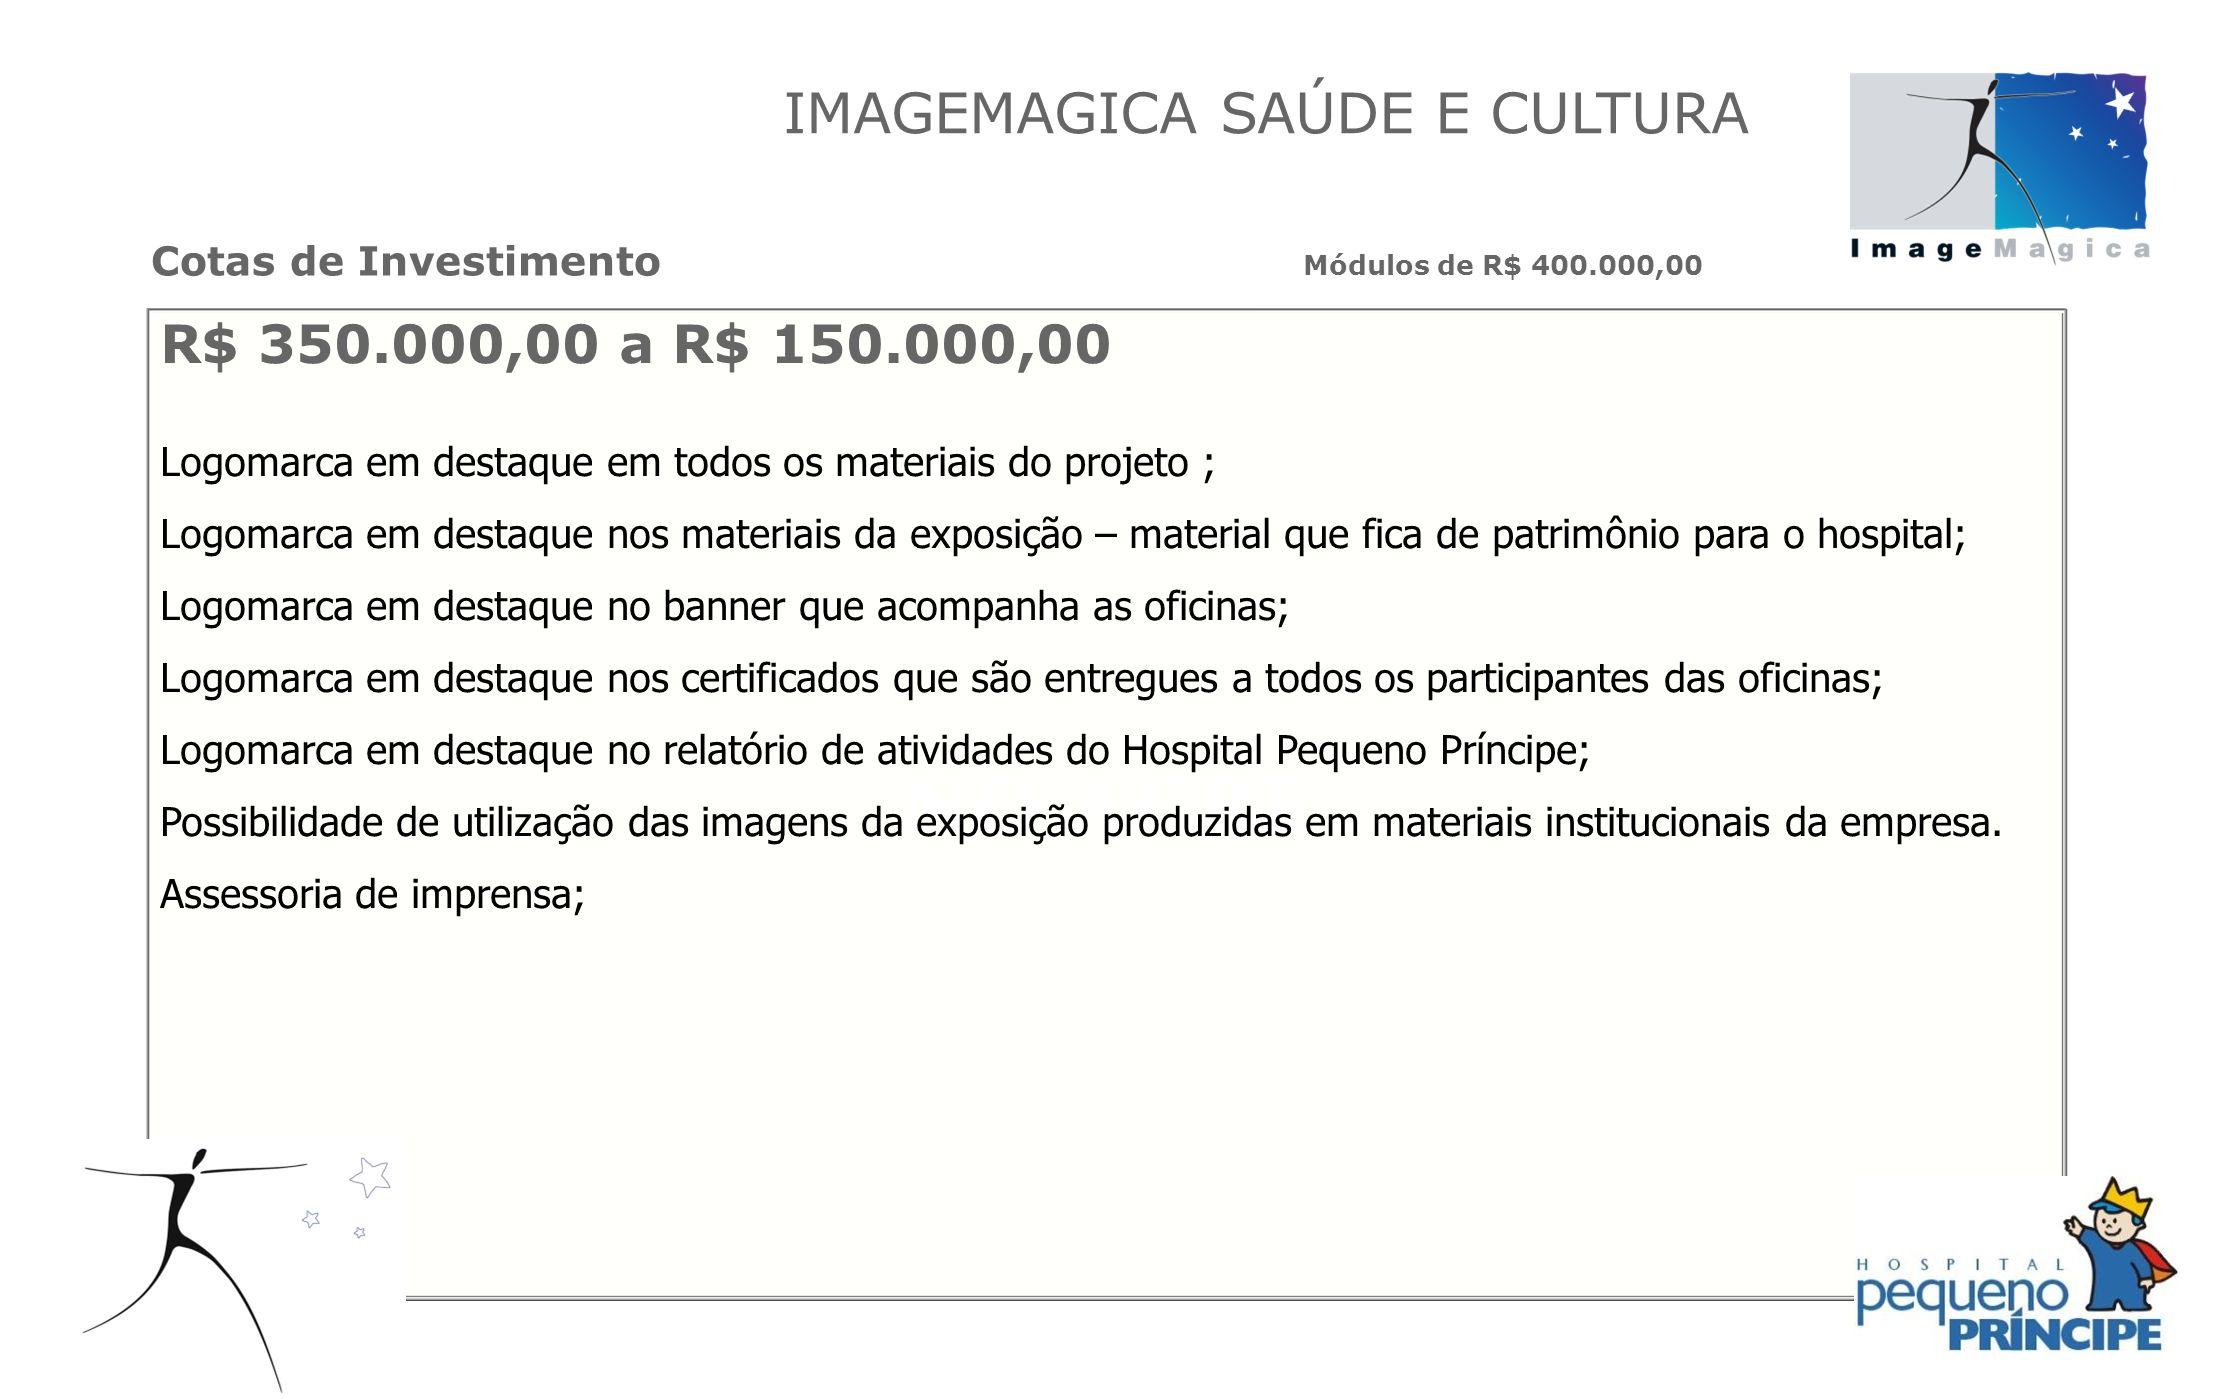 R$ 350.000,00 a R$ 150.000,00 Logomarca em destaque em todos os materiais do projeto ; Logomarca em destaque nos materiais da exposição – material que